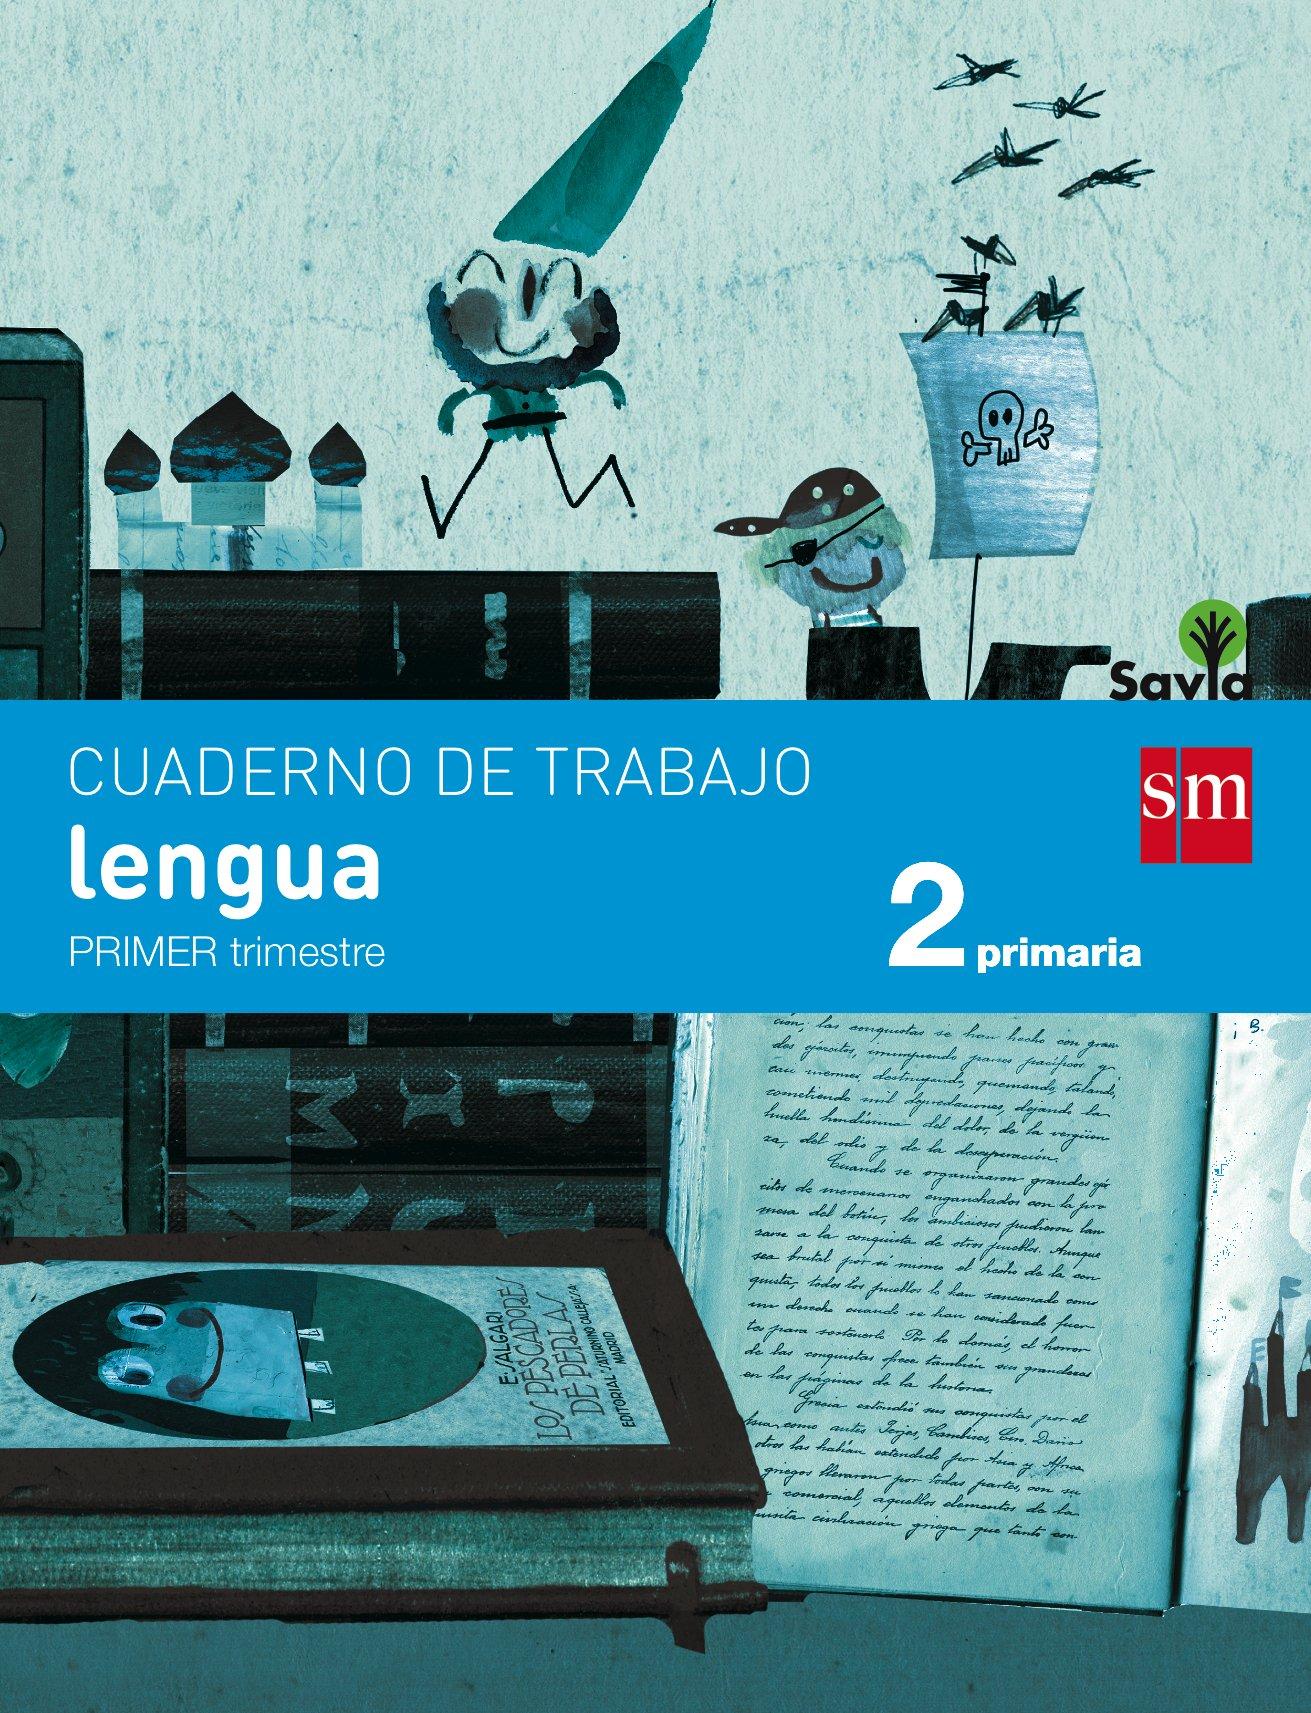 Cuaderno de lengua. 2 Primaria, 1 Trimestre. Savia - 9788467578393 Tapa blanda – 1 may 2015 Rosa Modrego Beatriz Iglesias Ortiz Grupo SM Educación 8467578394